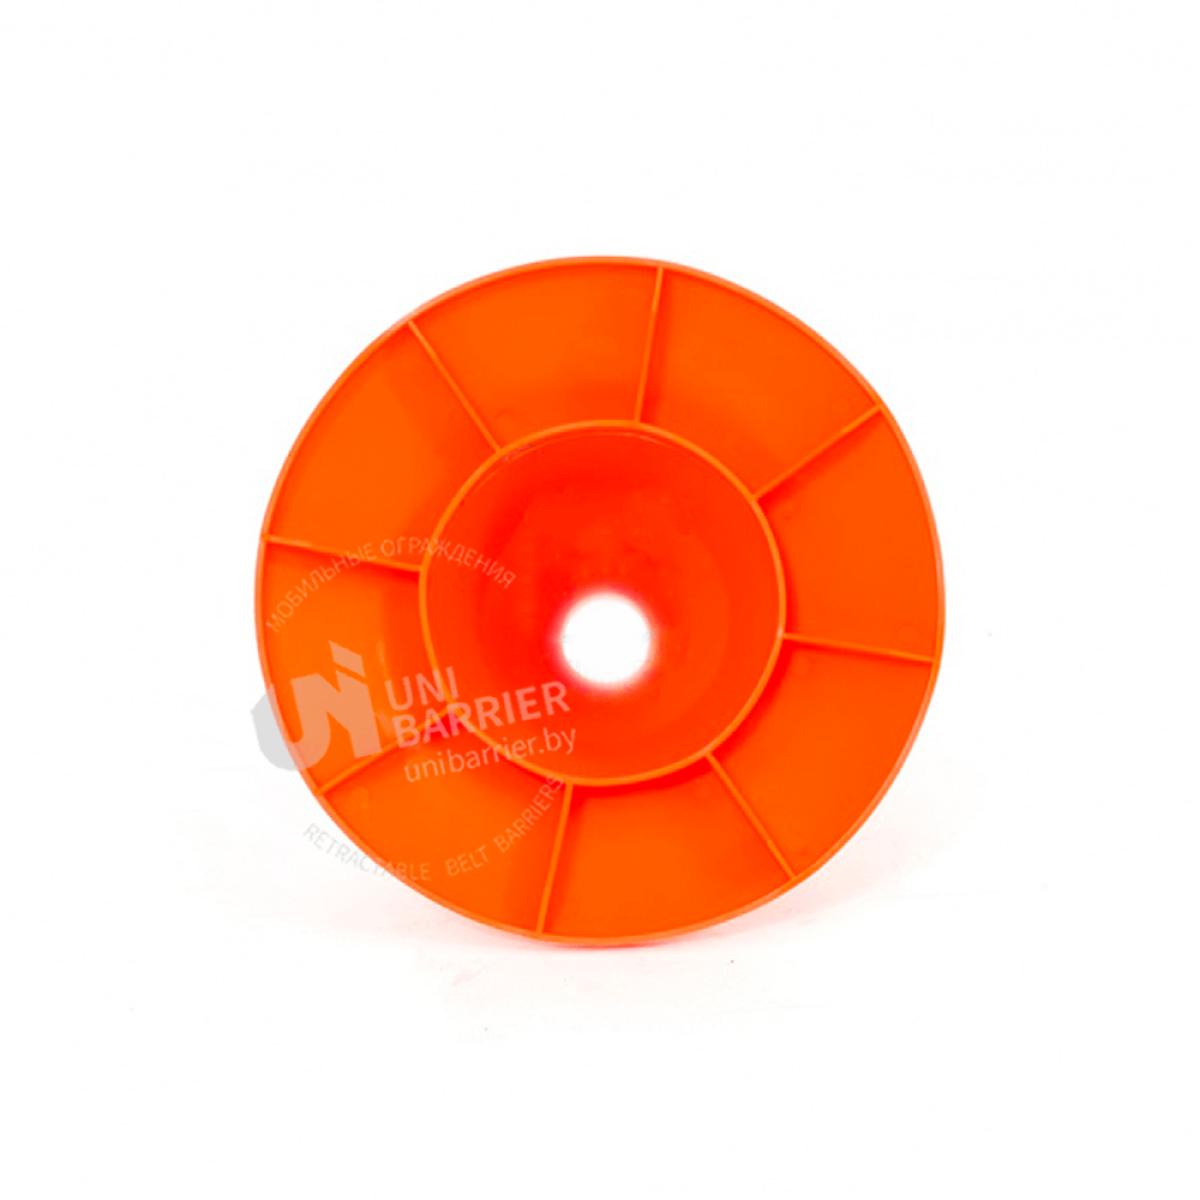 981310 Конус сигнальный 320 мм со светоотражающей полосой